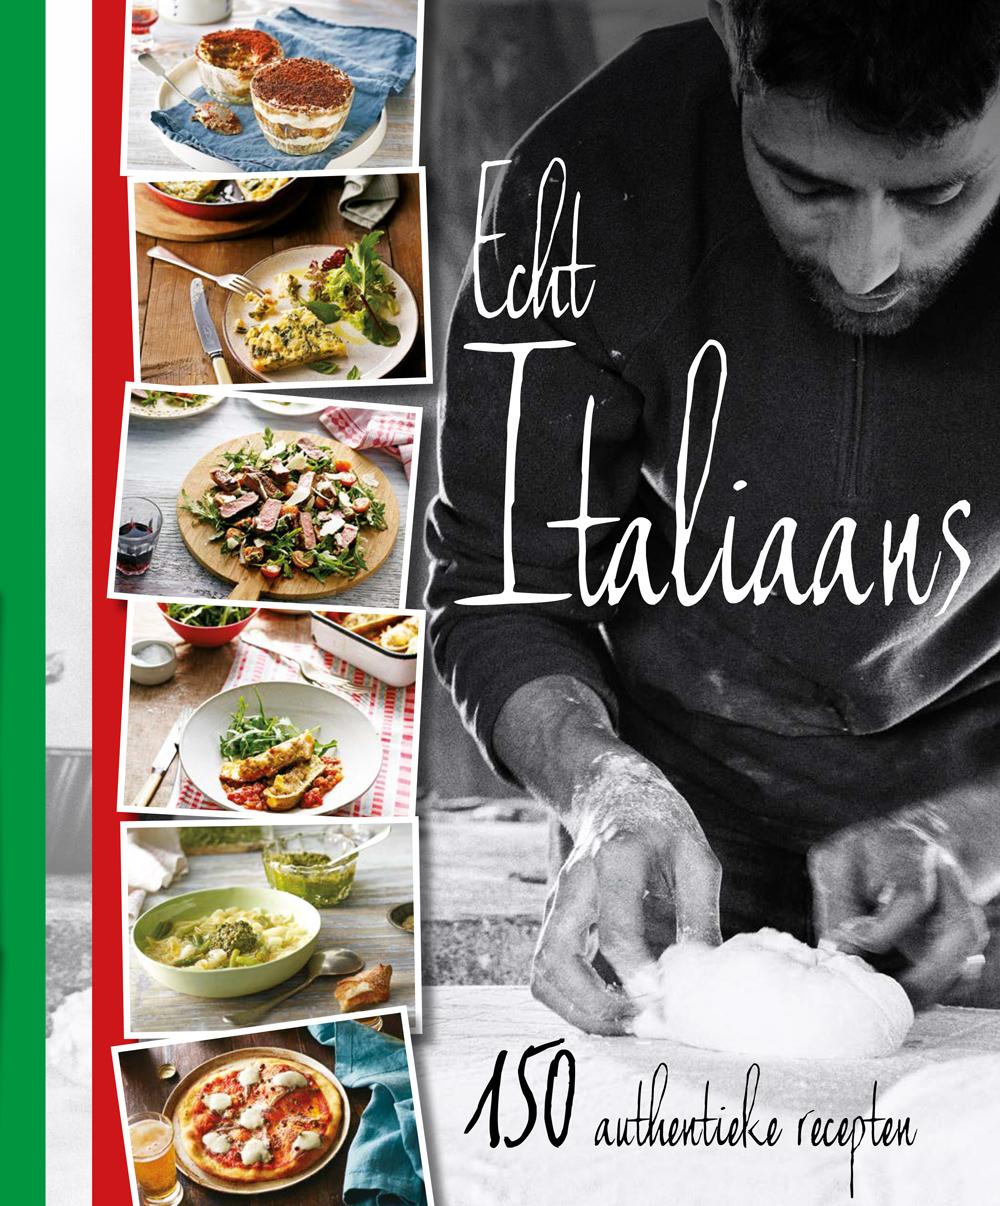 Echt Italiaans 150 auth. recepten